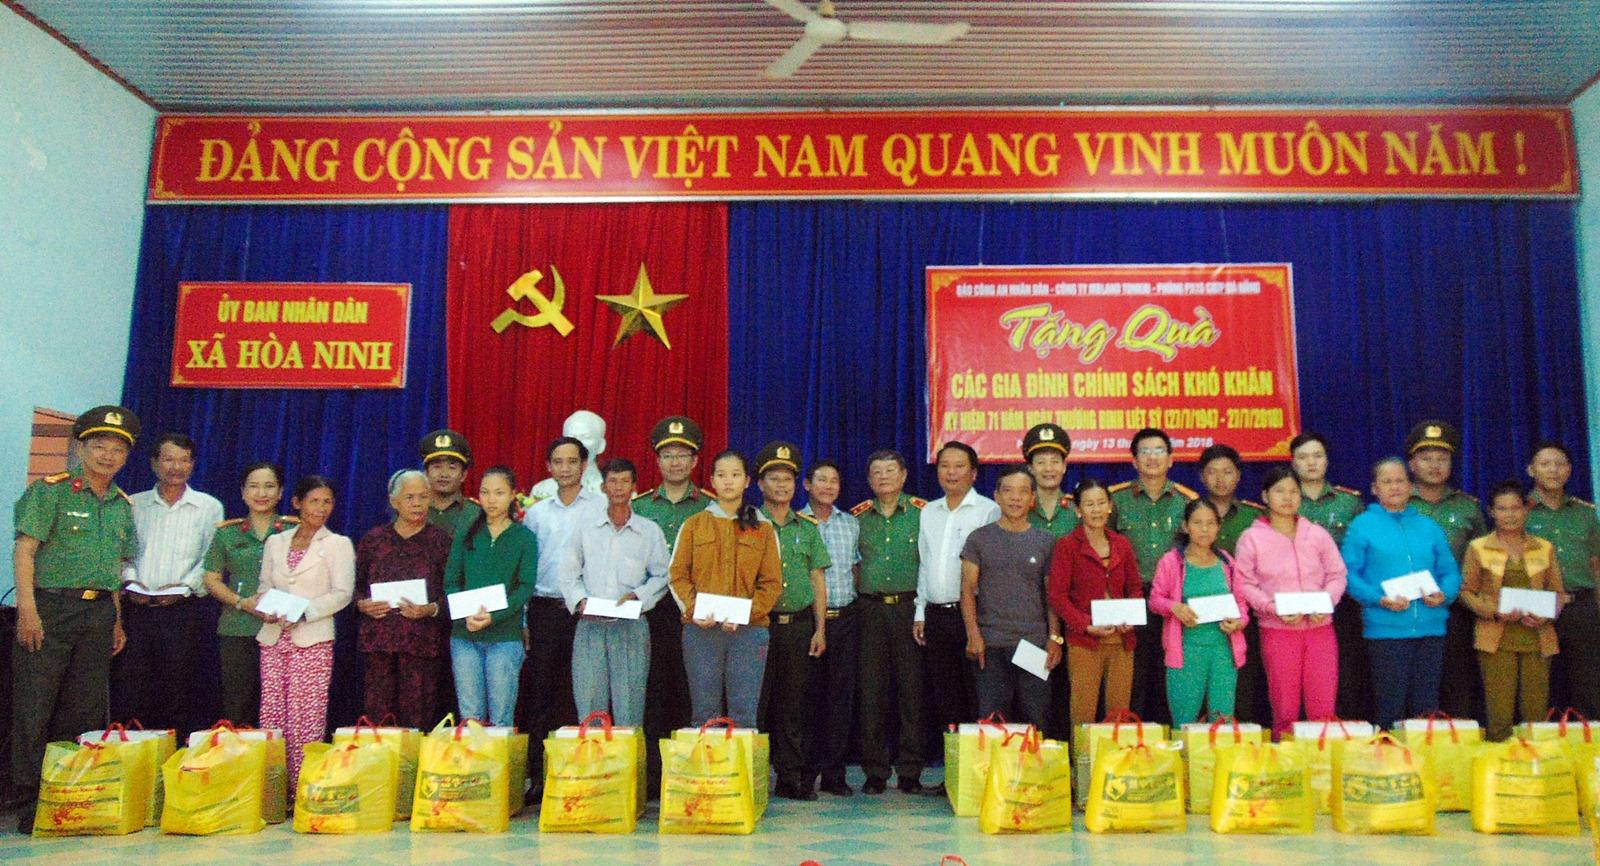 Đến với vùng quê cách mạng Hòa Ninh